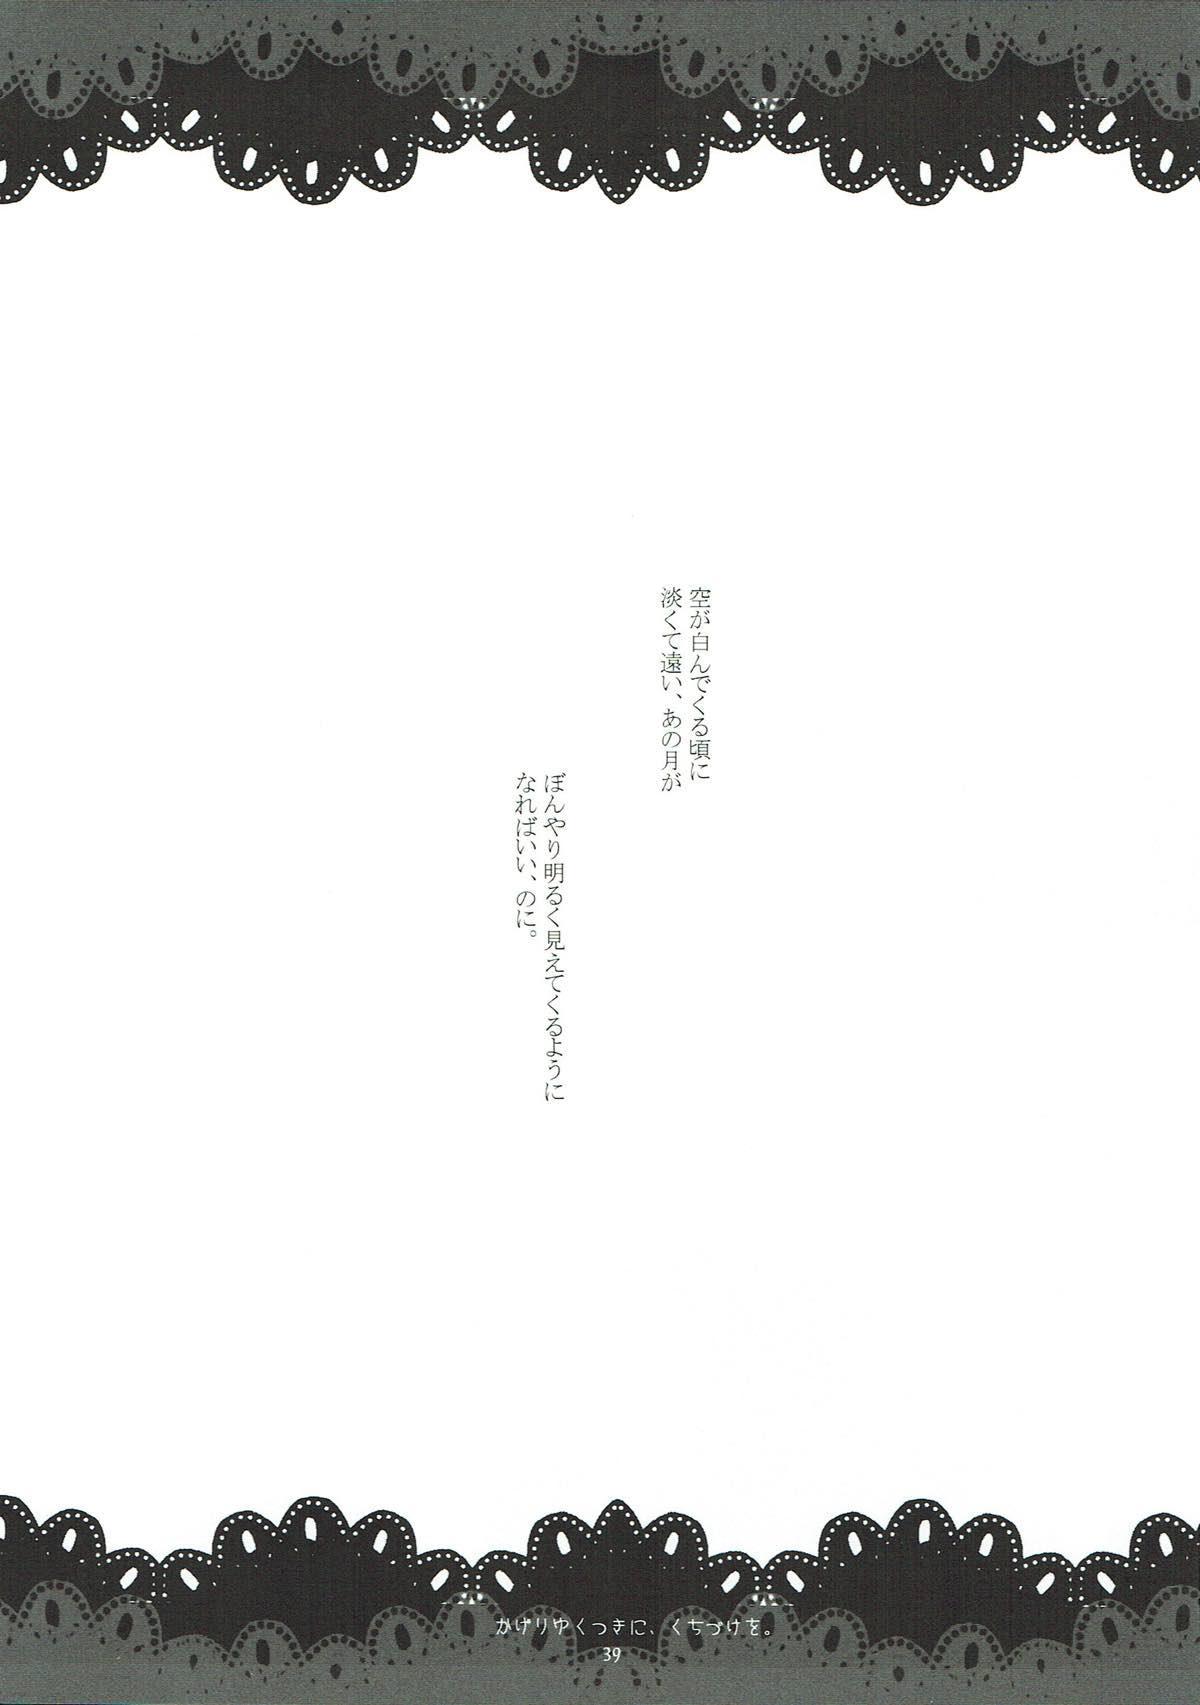 Kageriyuku Tsuki ni, Kuchizuke o. 36